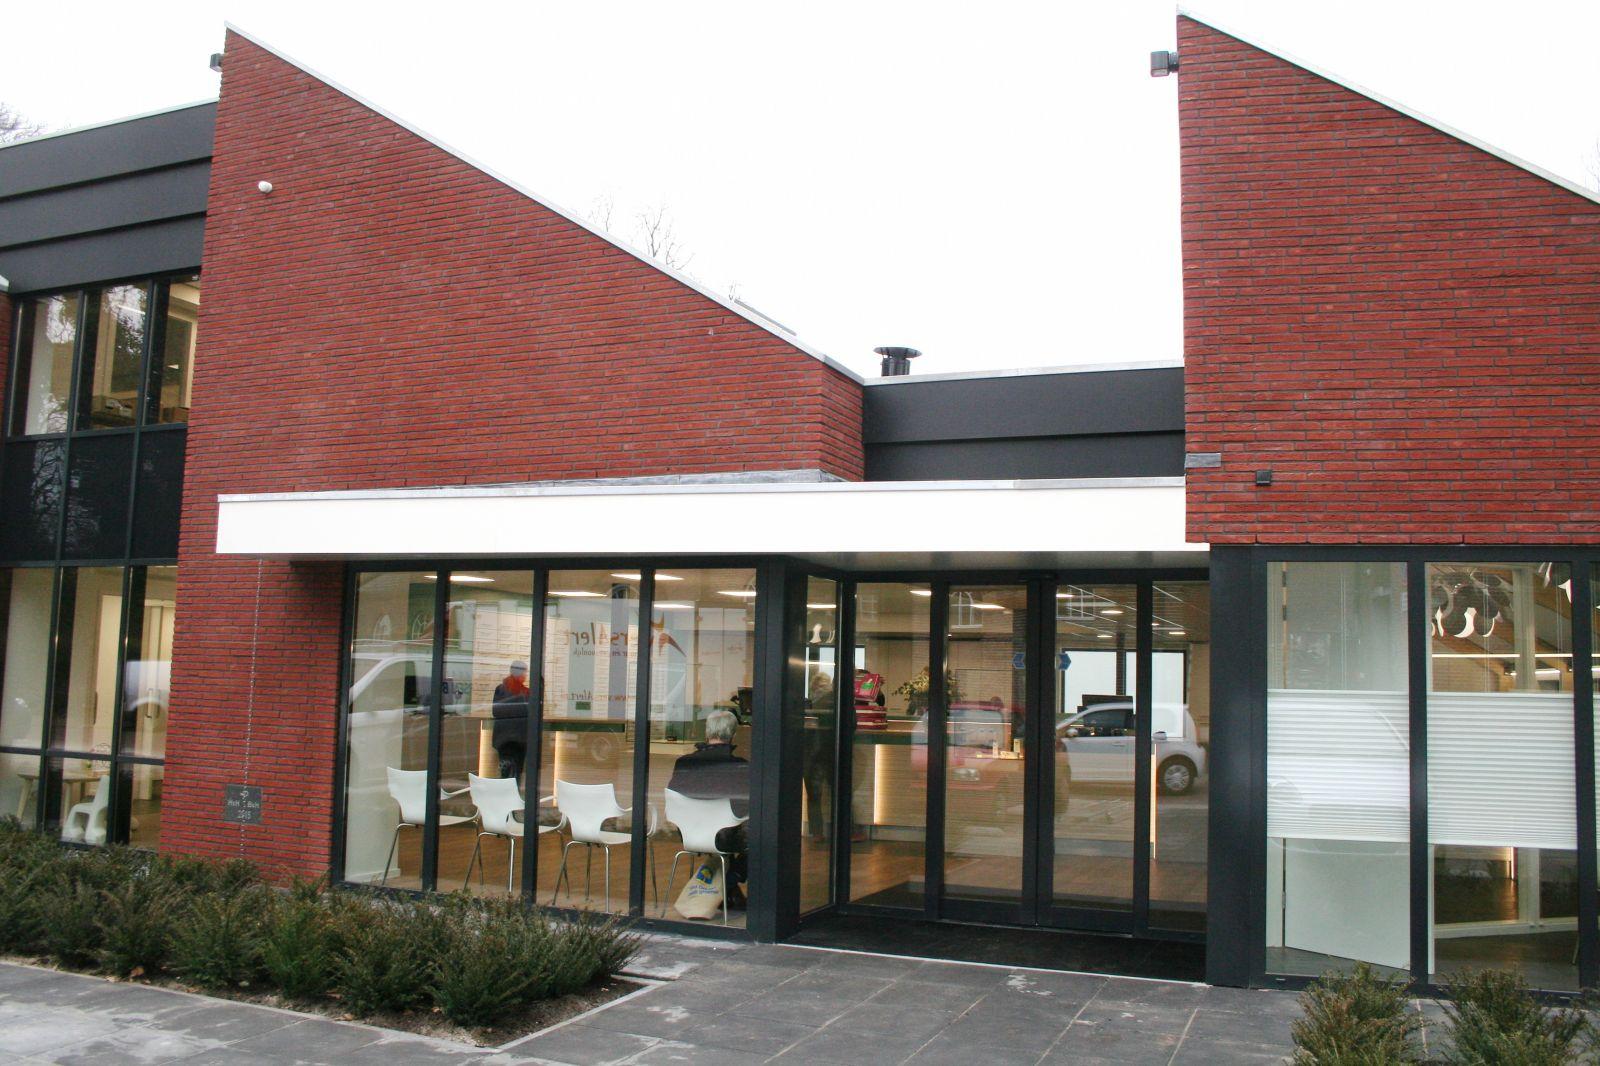 Apotheek Delden ontvangt eerste cliënten in nieuw pand – Foto's online!